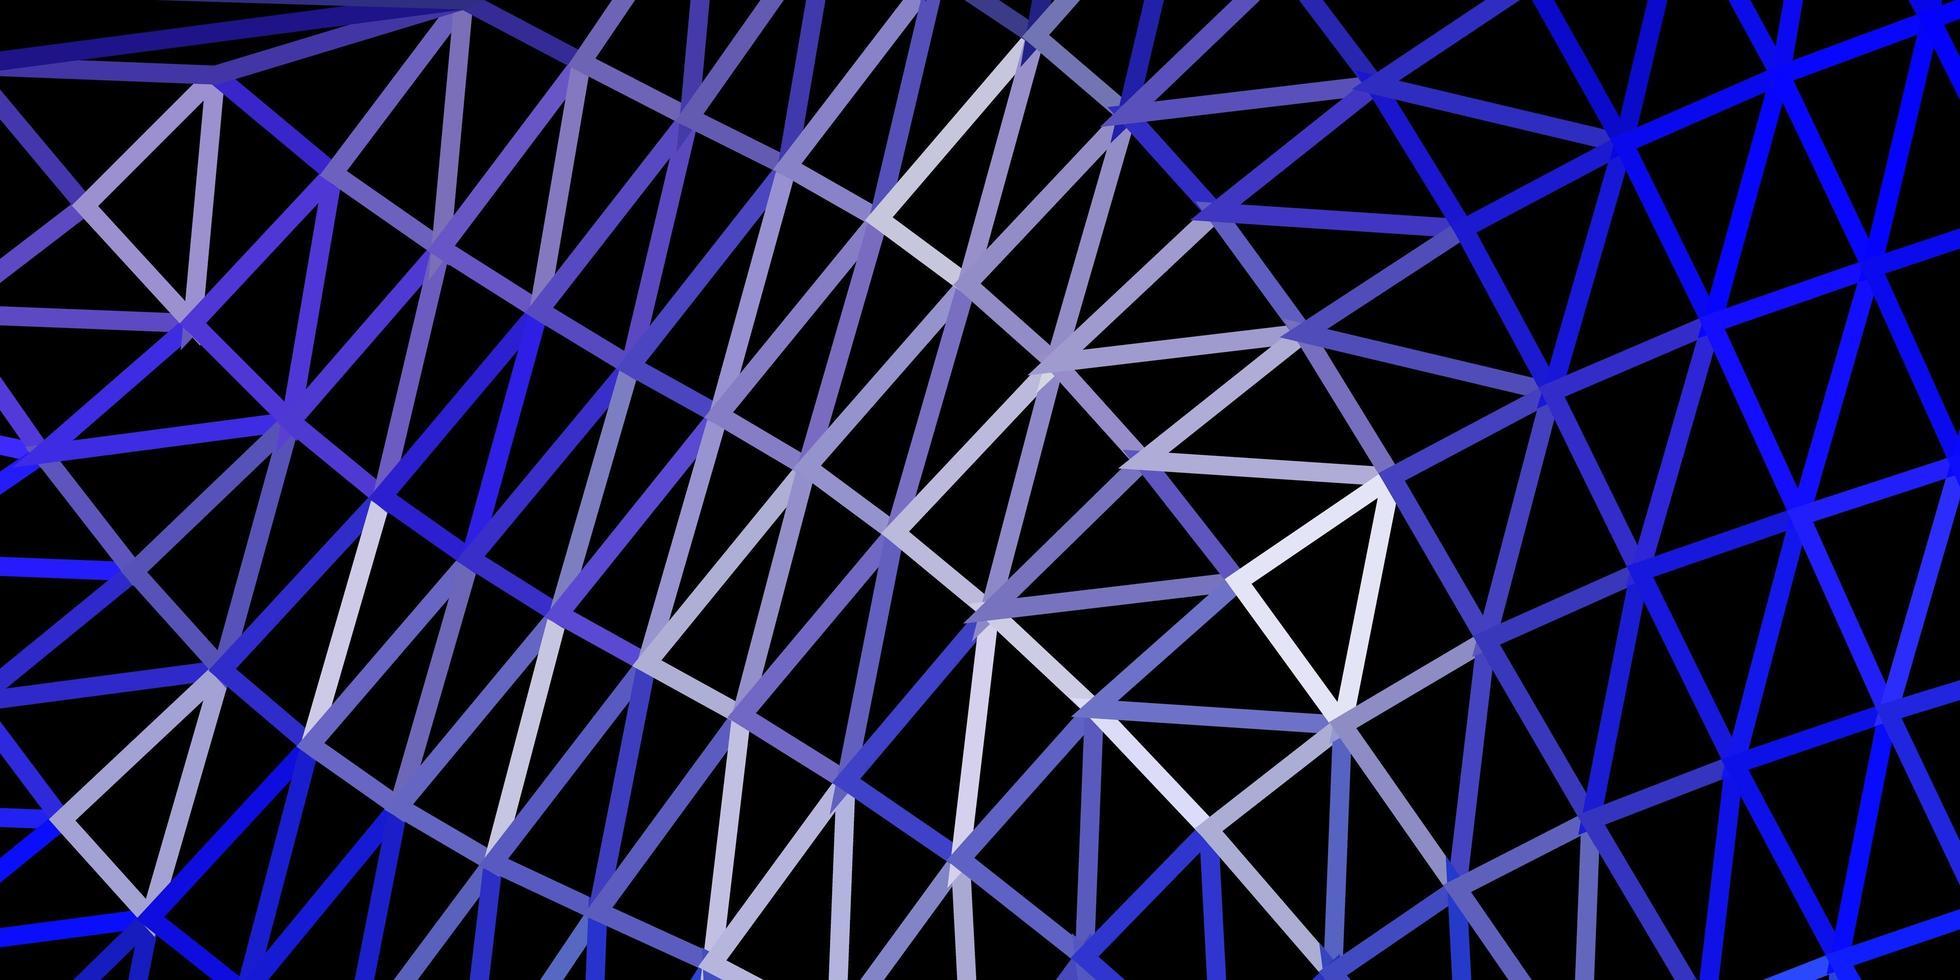 ljuslila vektor geometrisk polygonal design.